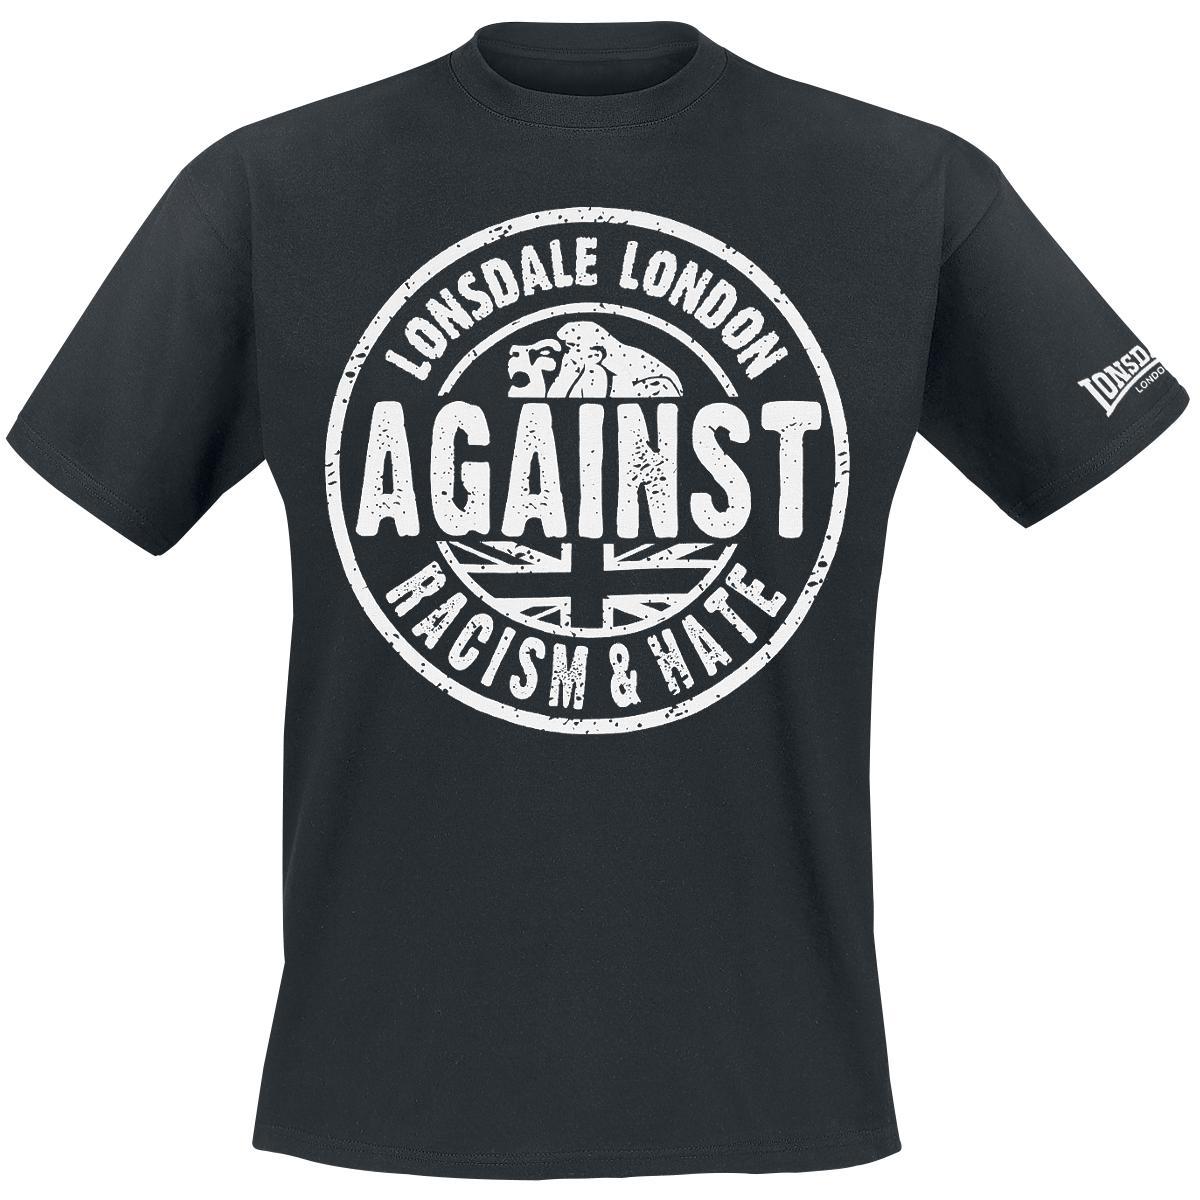 Koszulka Lonsdale przeciwko rasizmowi